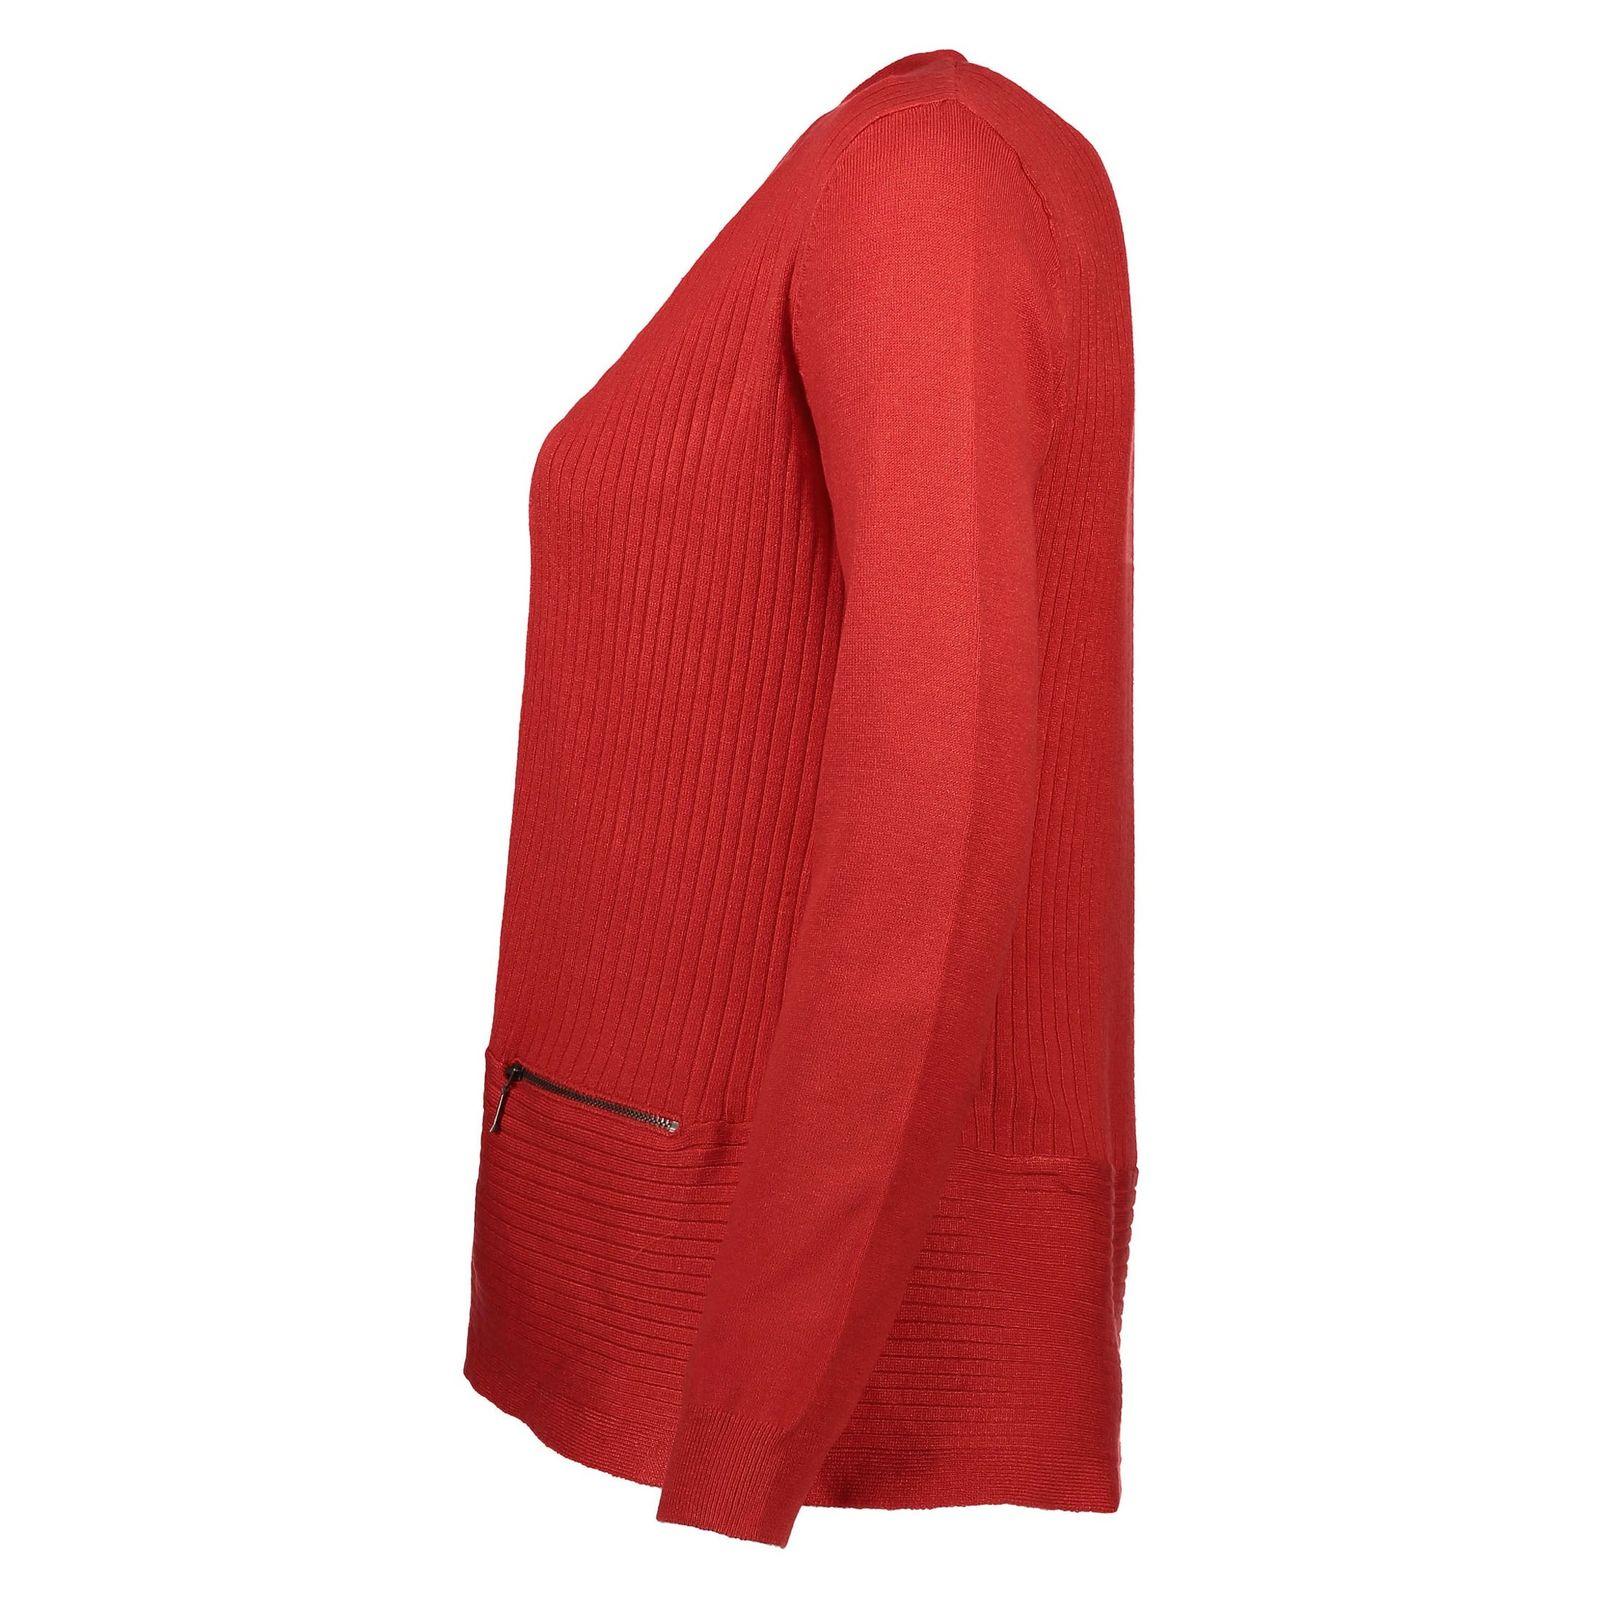 ژاکت ویسکوز جلو باز زنانه - کالکشن - قرمز - 4